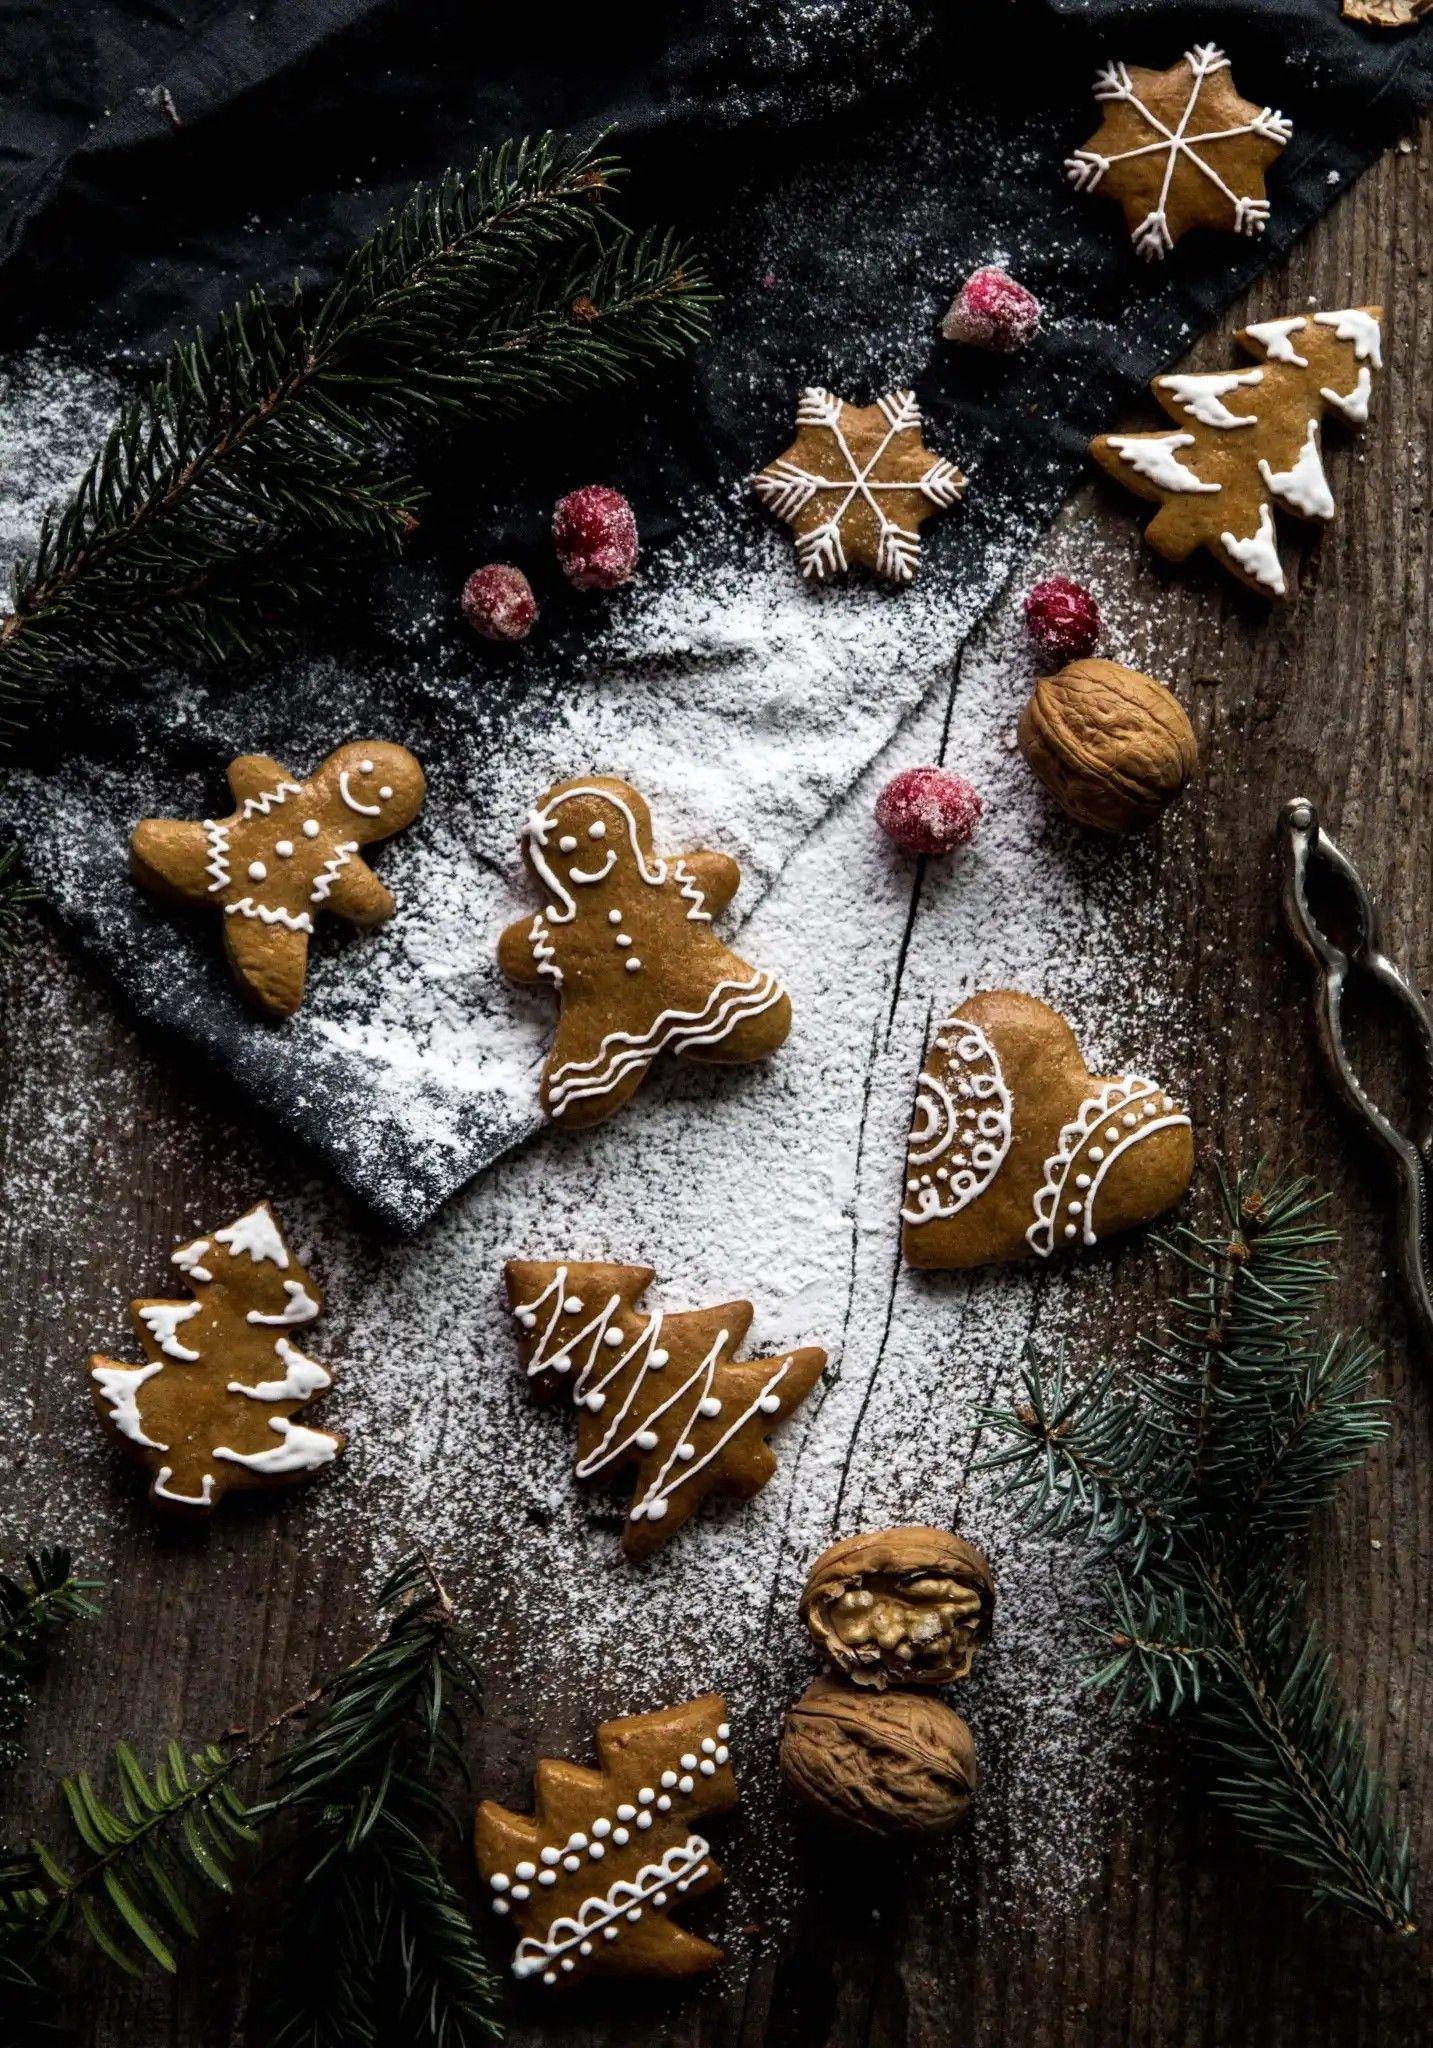 christmas gingerbread man Christmas baking, Christmas